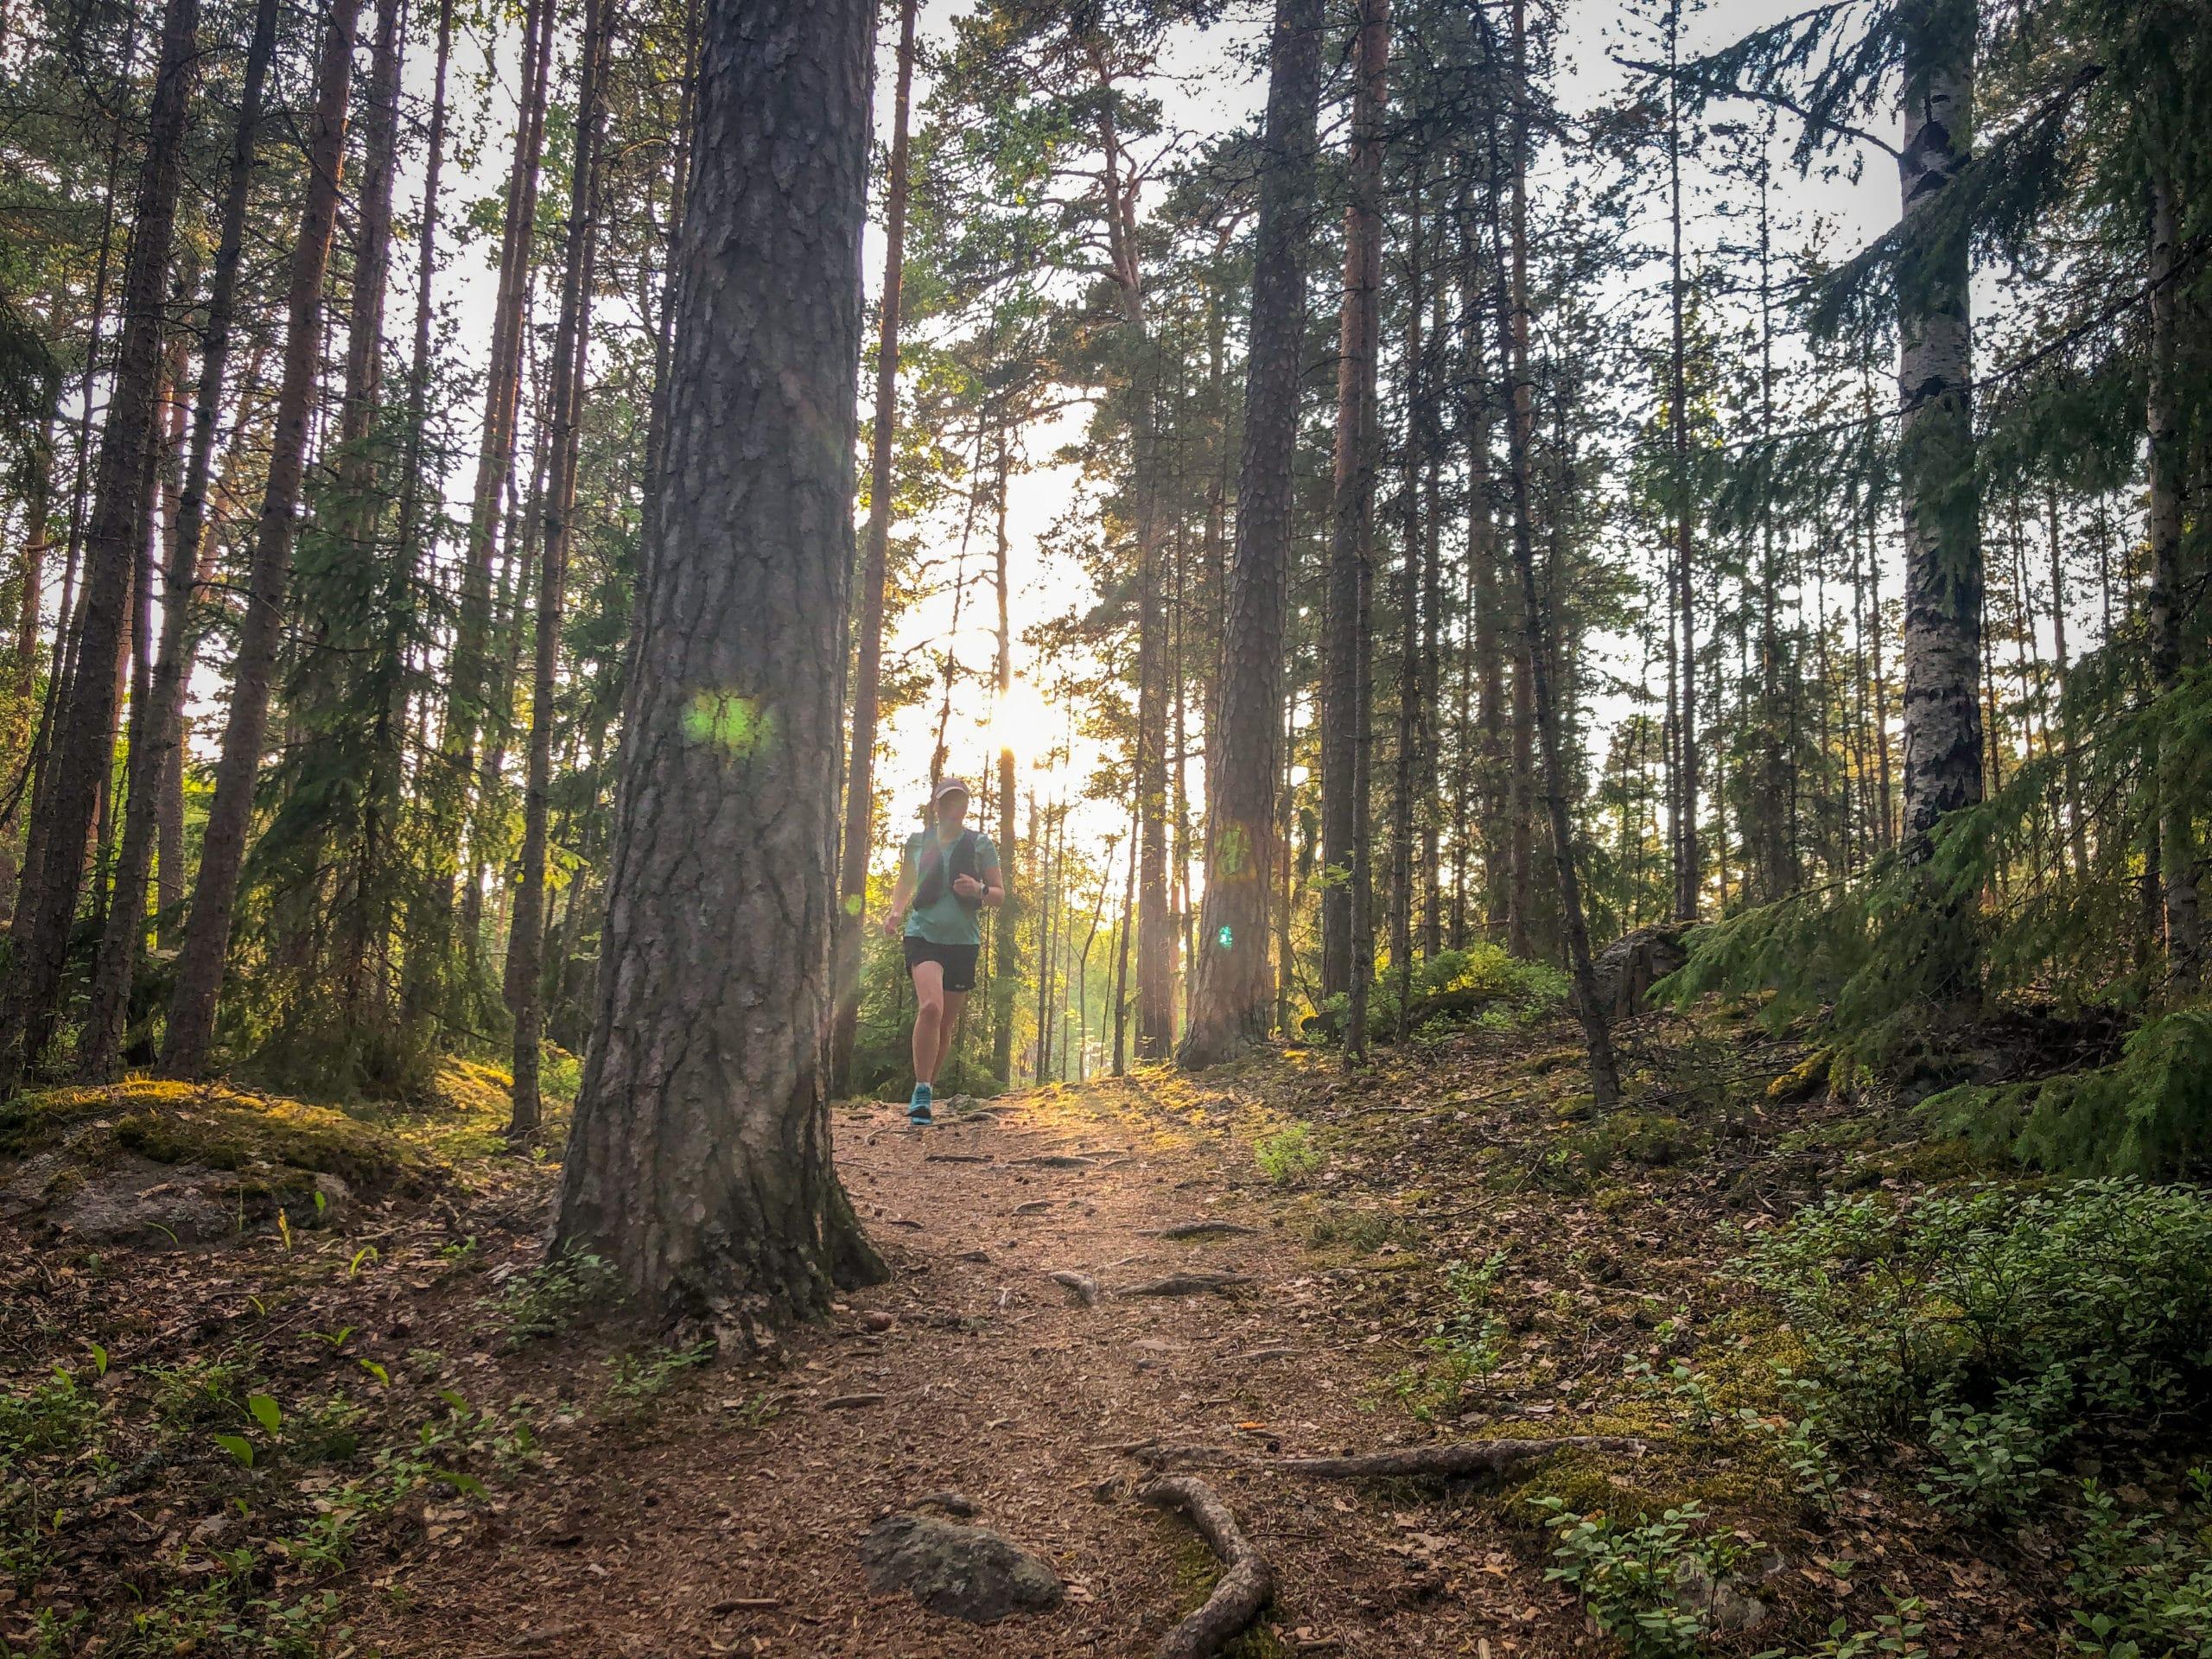 Miten säilyttää mielekkyys juoksemisessa?